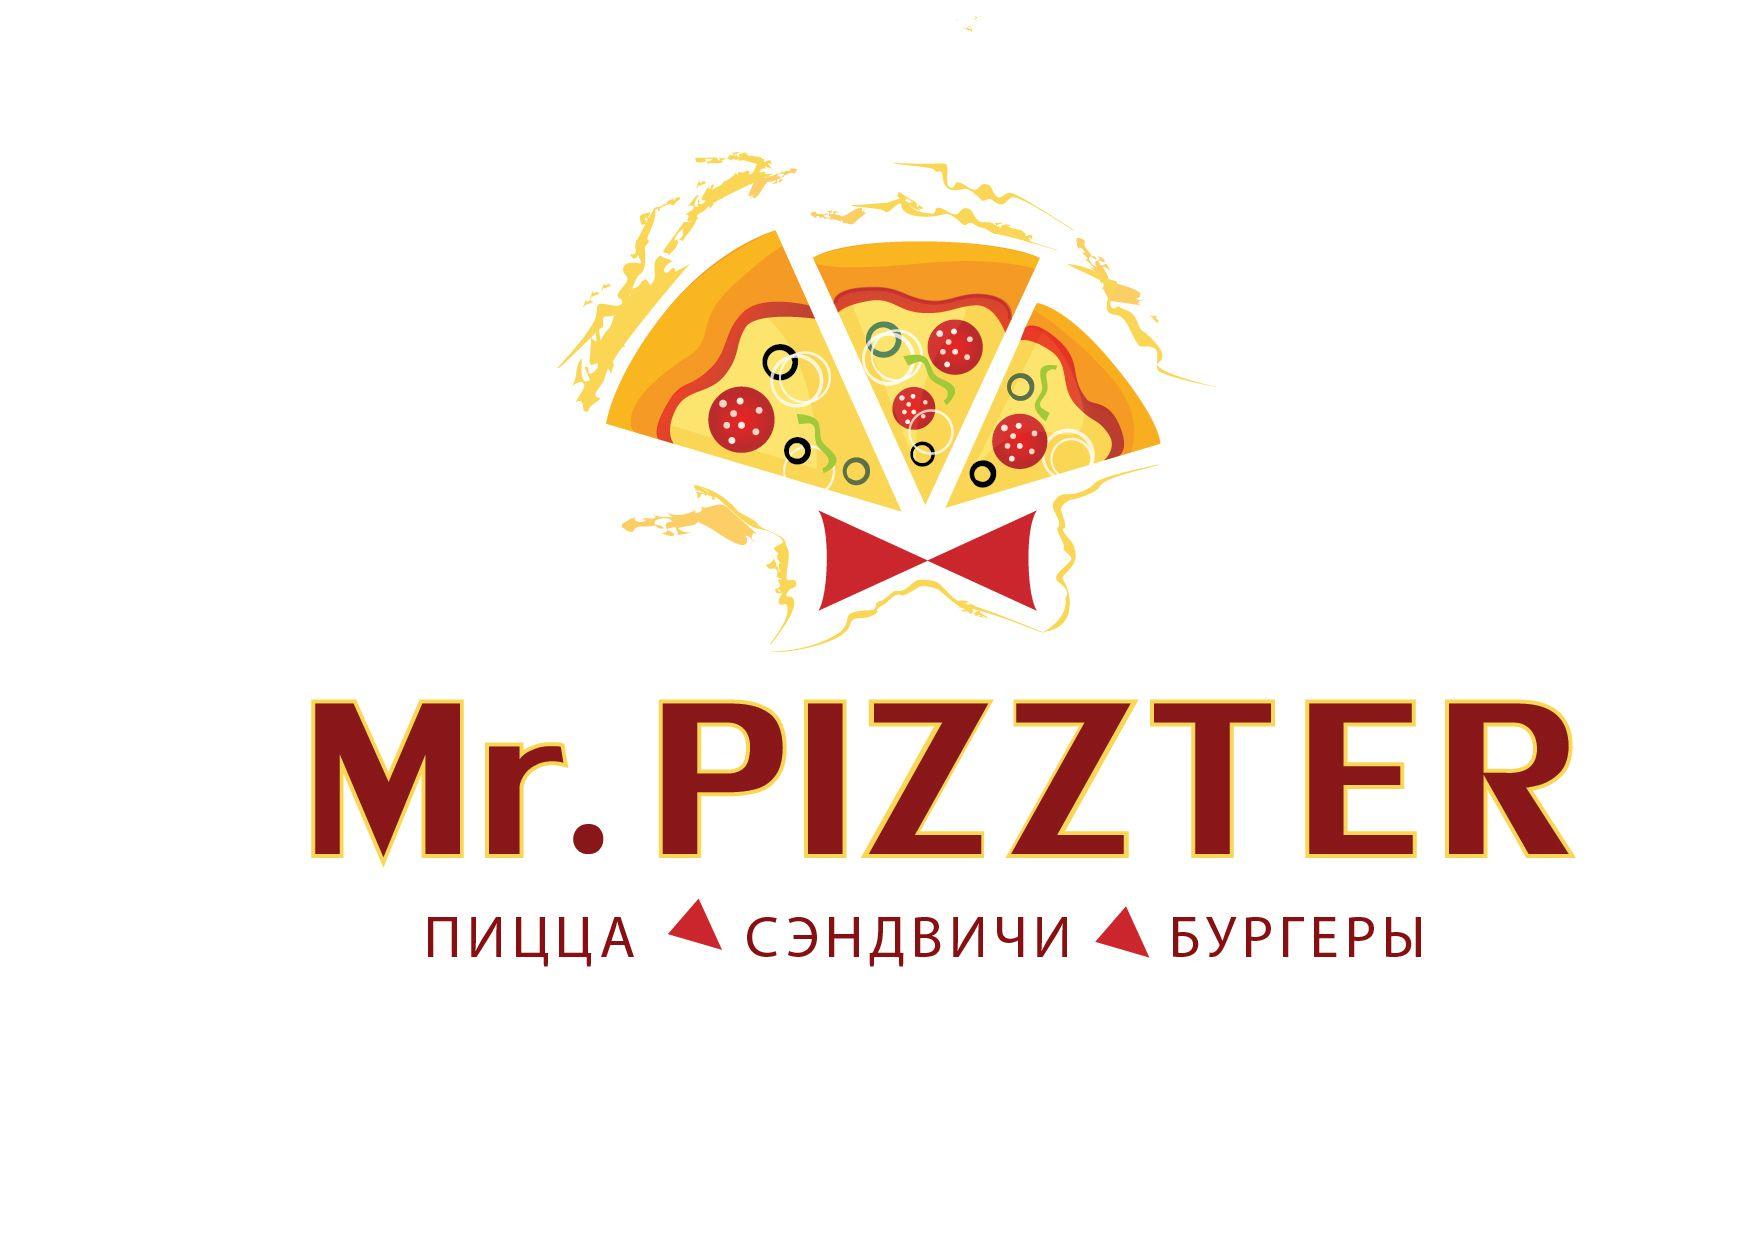 Доставка, кафе пиццы, сендвичей, бургеров. - дизайнер Masha